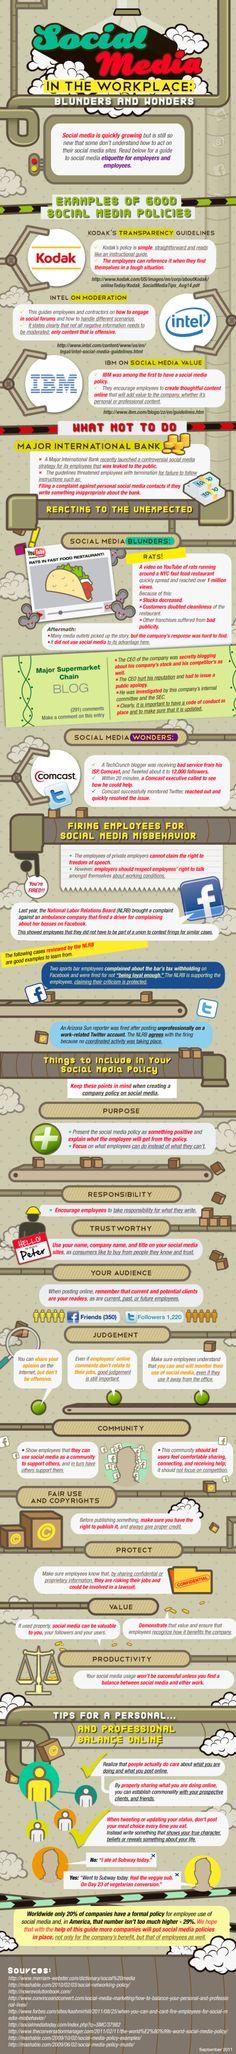 Social Media in Workplace Infographic  #ESIS #Seo #SocialMedia @ESIS S.r.l. #Bologna #formazione